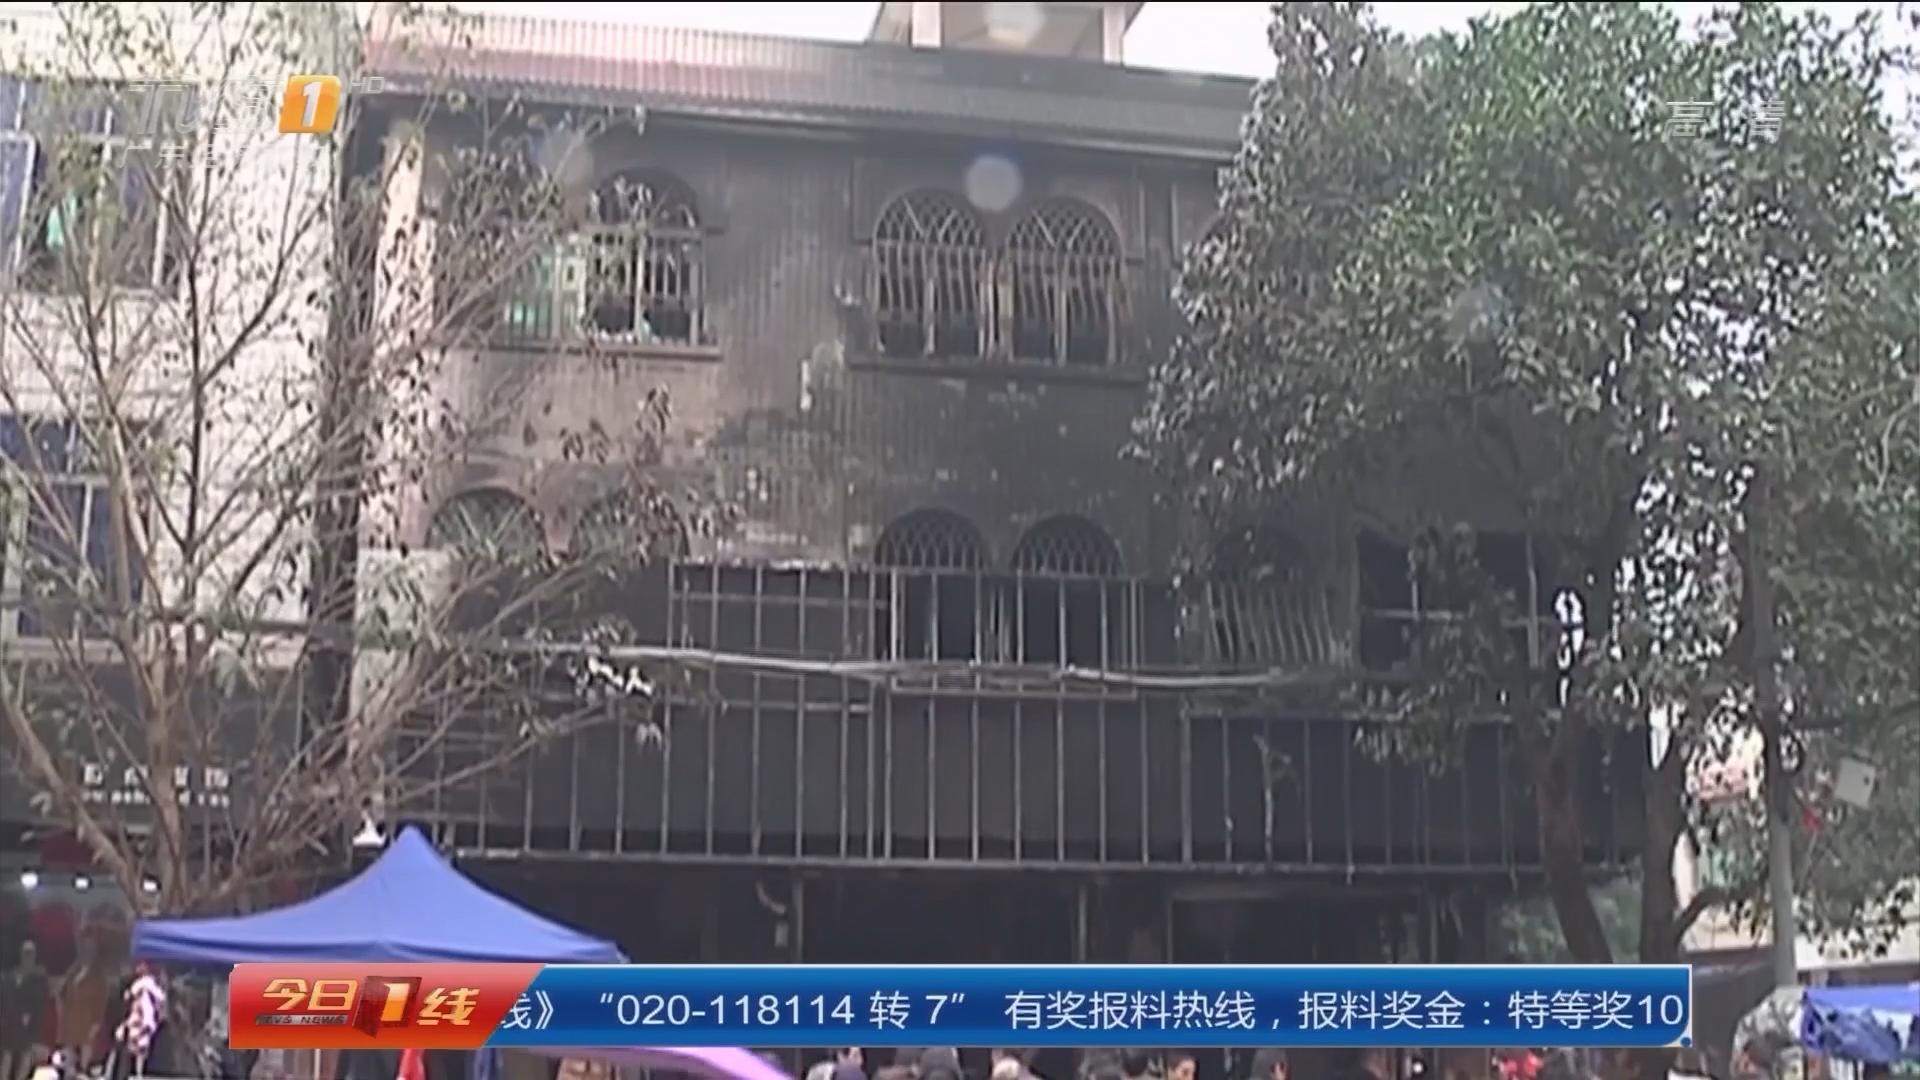 湛江雷州:电器商场疑遭纵火 消防救出被困者